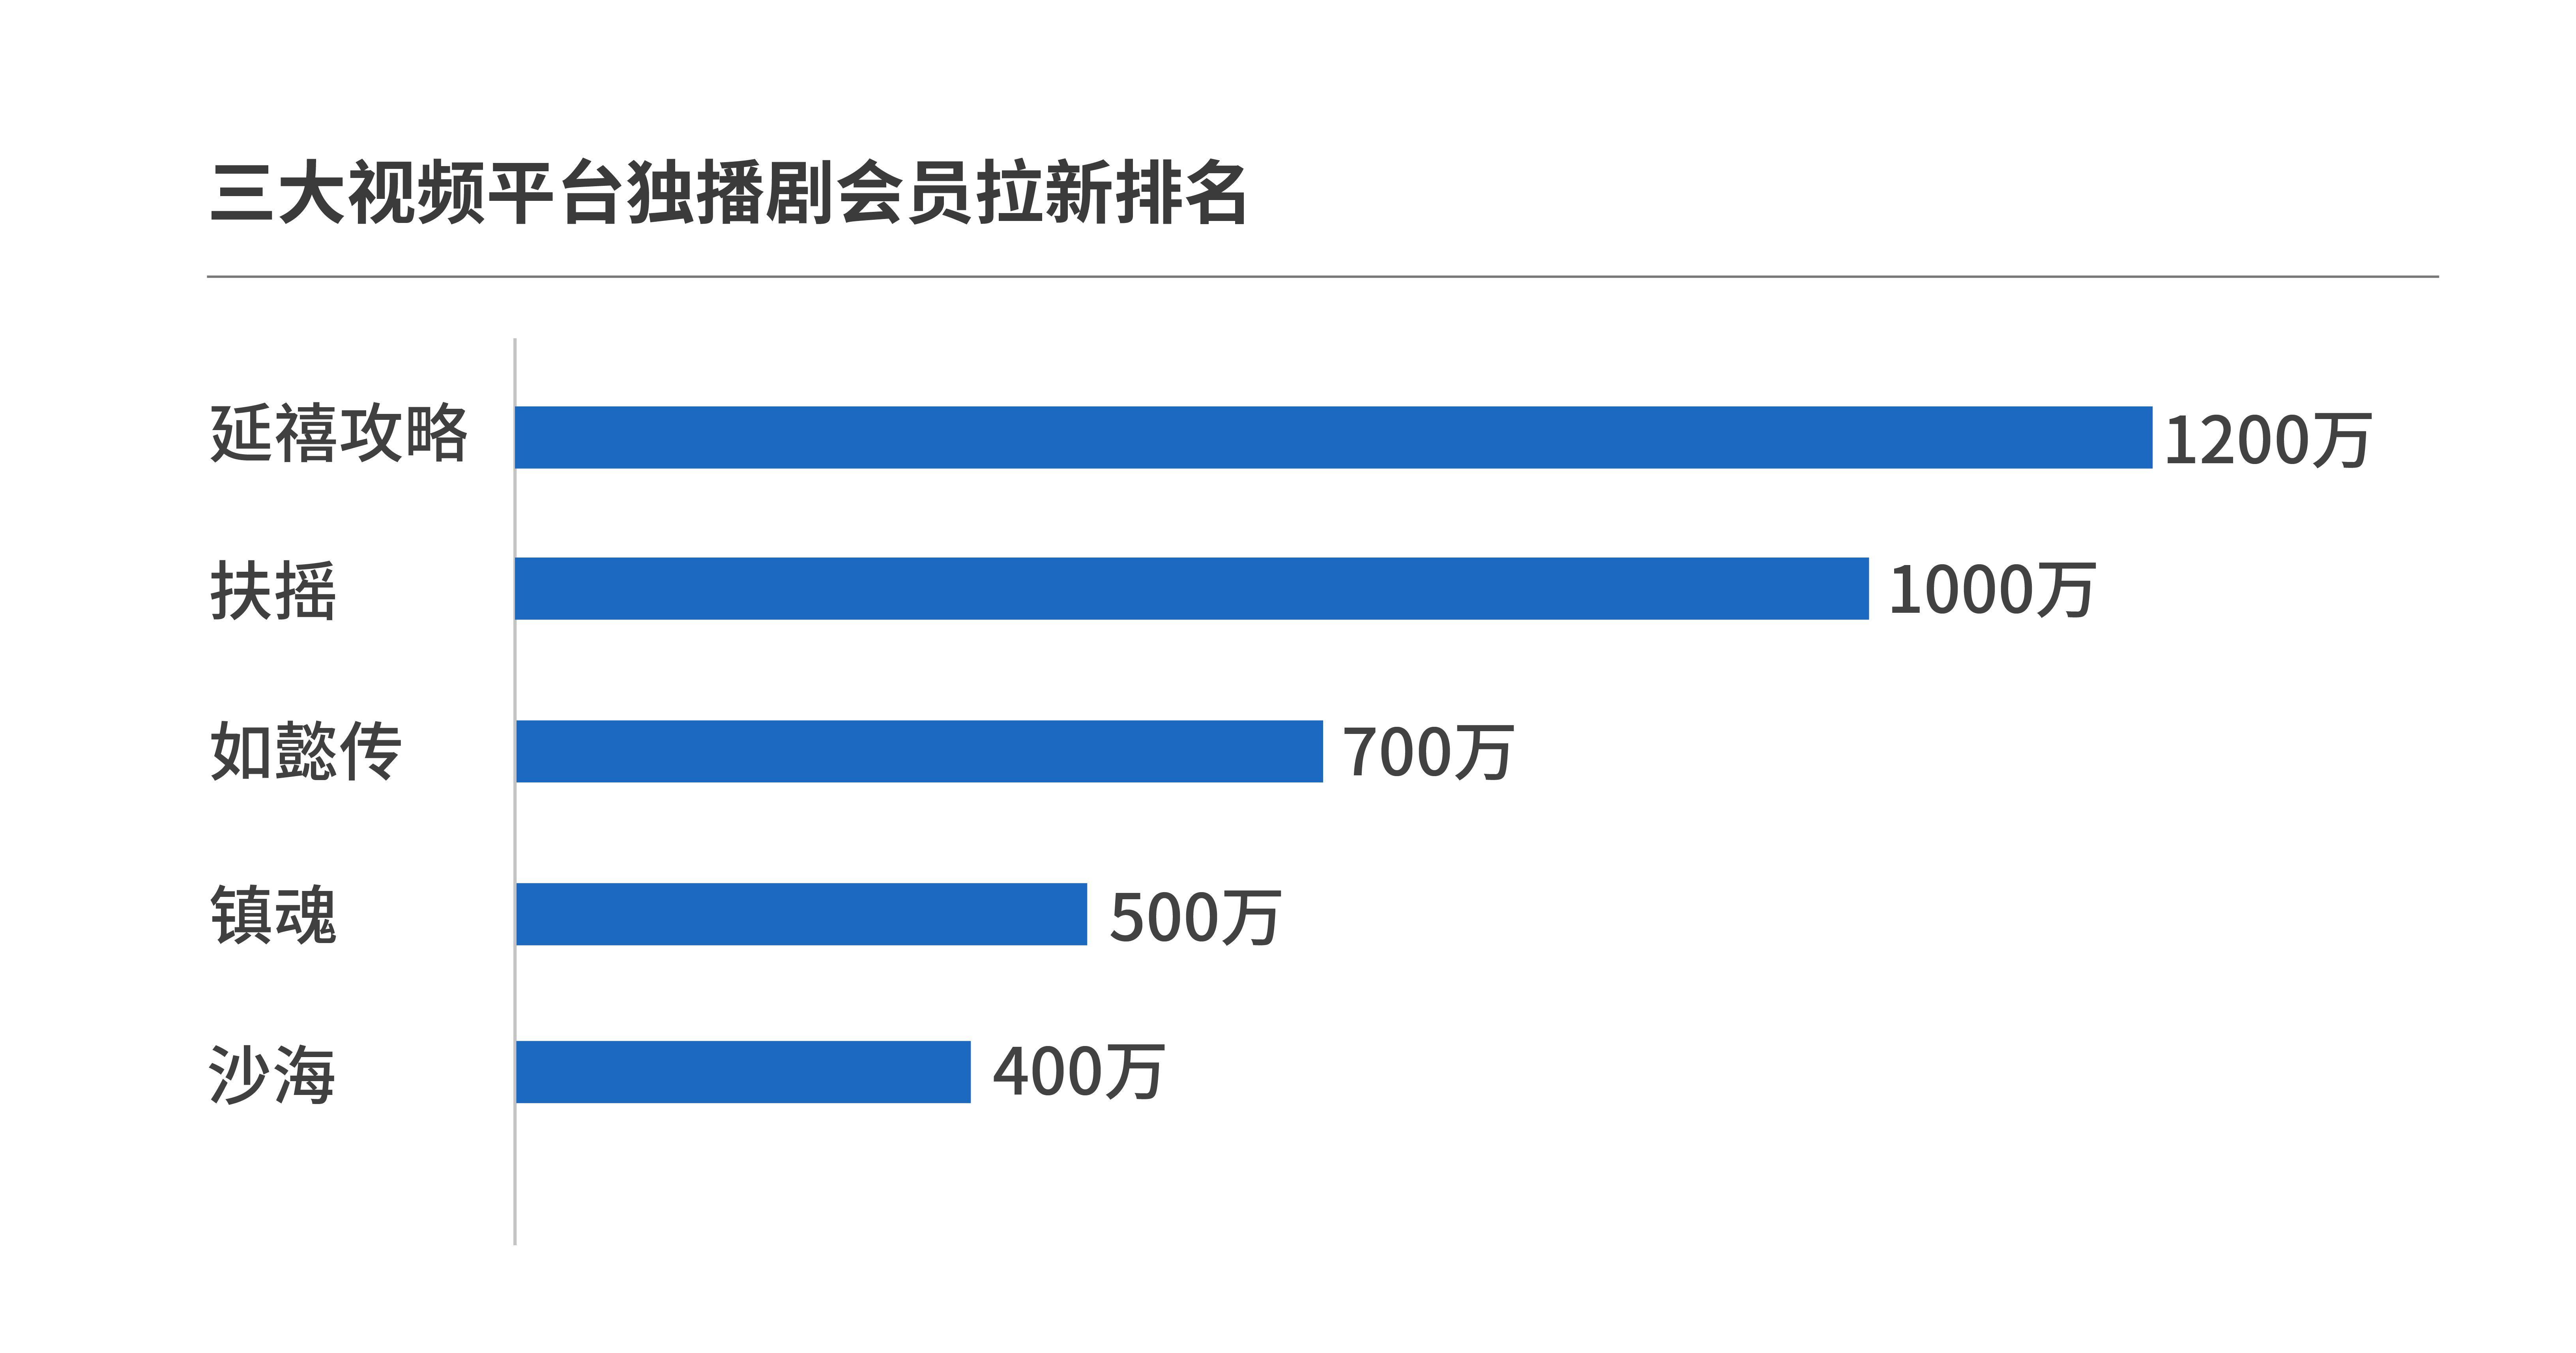 三大视频平台独播剧厮杀:四部剧带来3400万会员